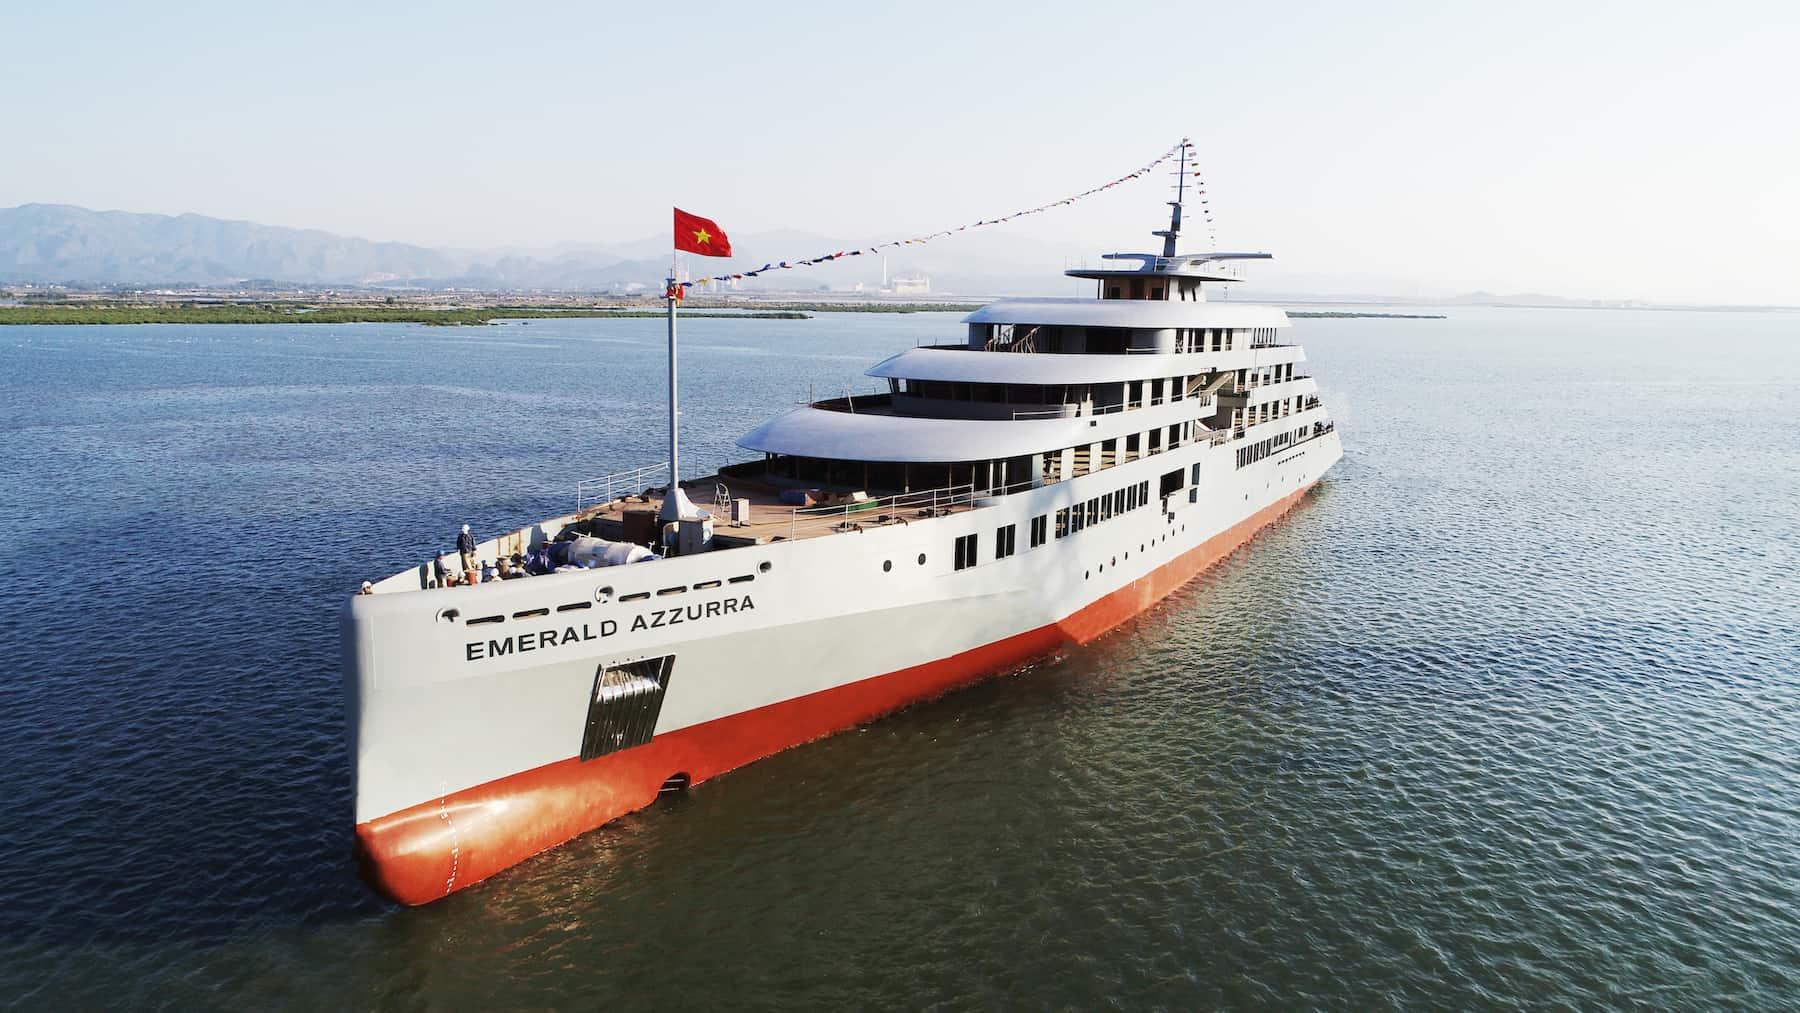 emerald azzurra emerald super yacht cruises